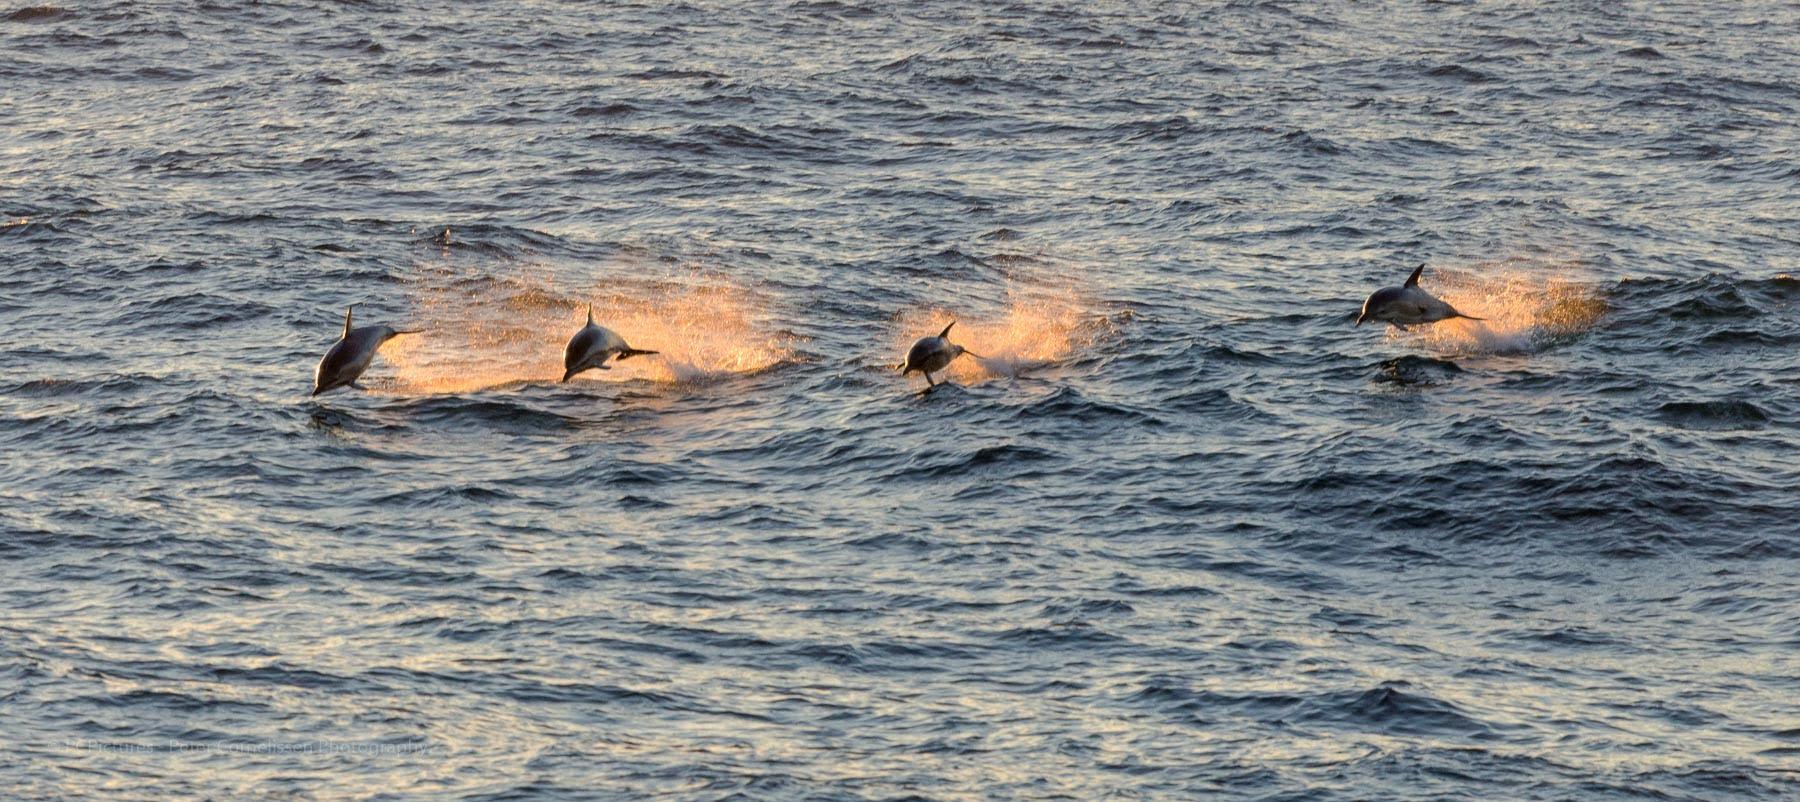 Dolphins, dolfijnen, pcpictures.nl